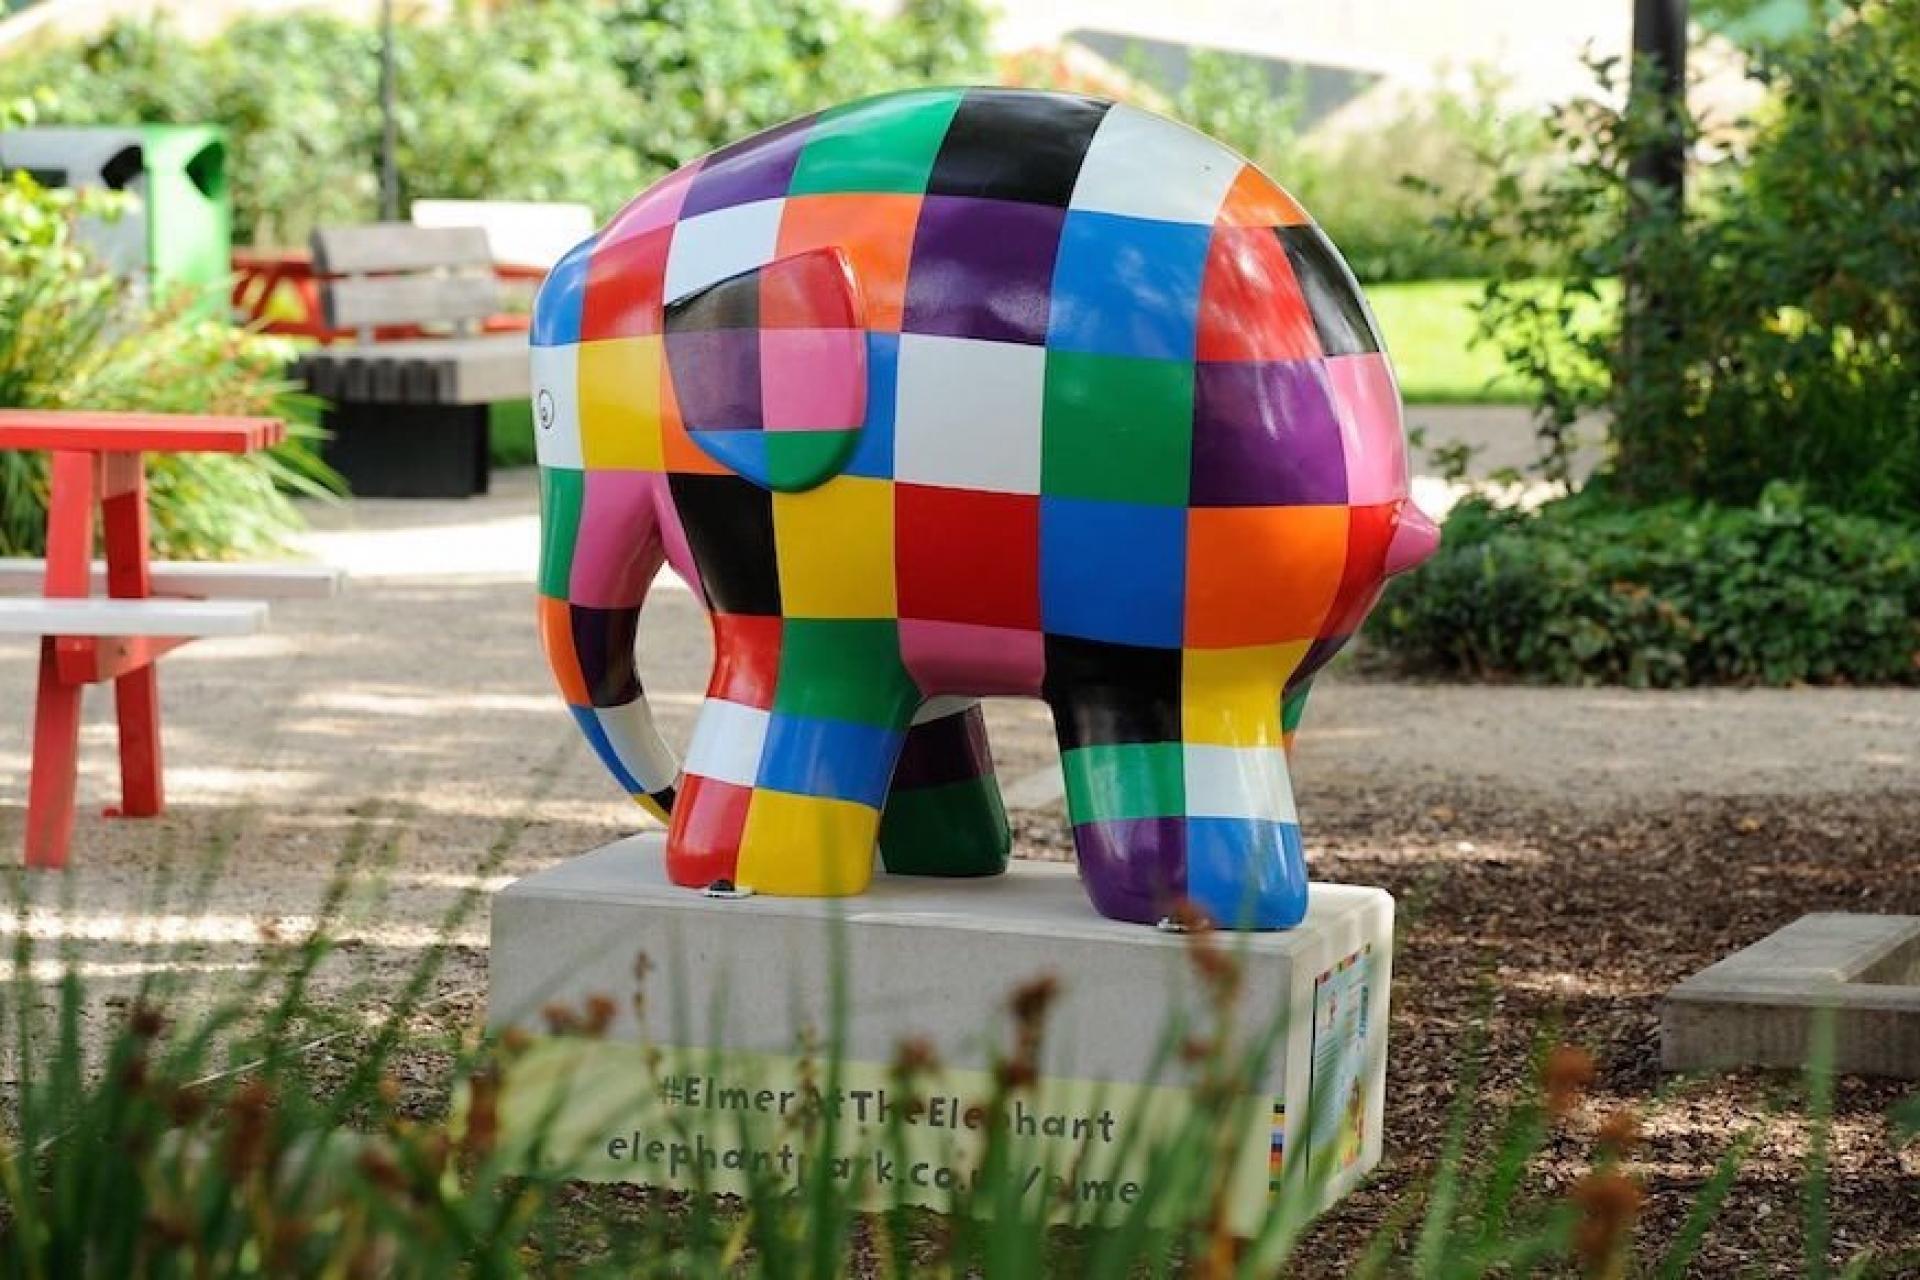 Elmer art auction raises over £1 million for charity